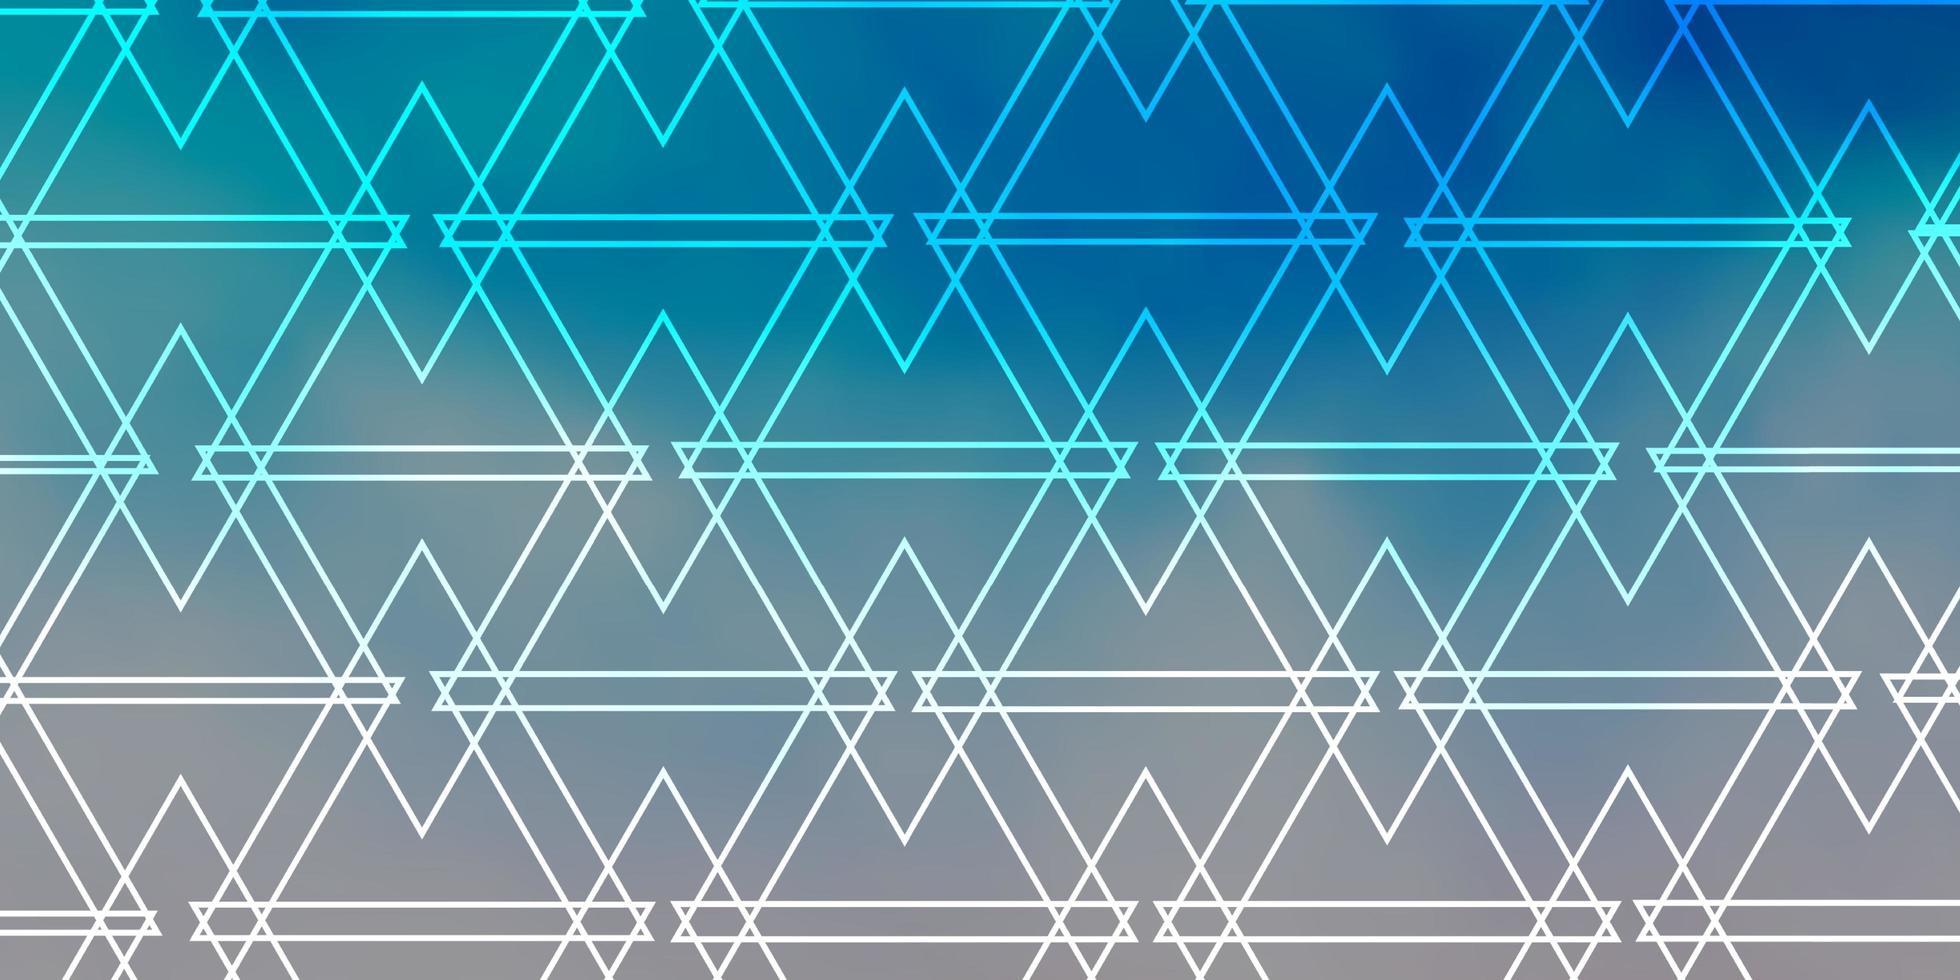 hellblauer Hintergrund mit polygonalem Stil. vektor